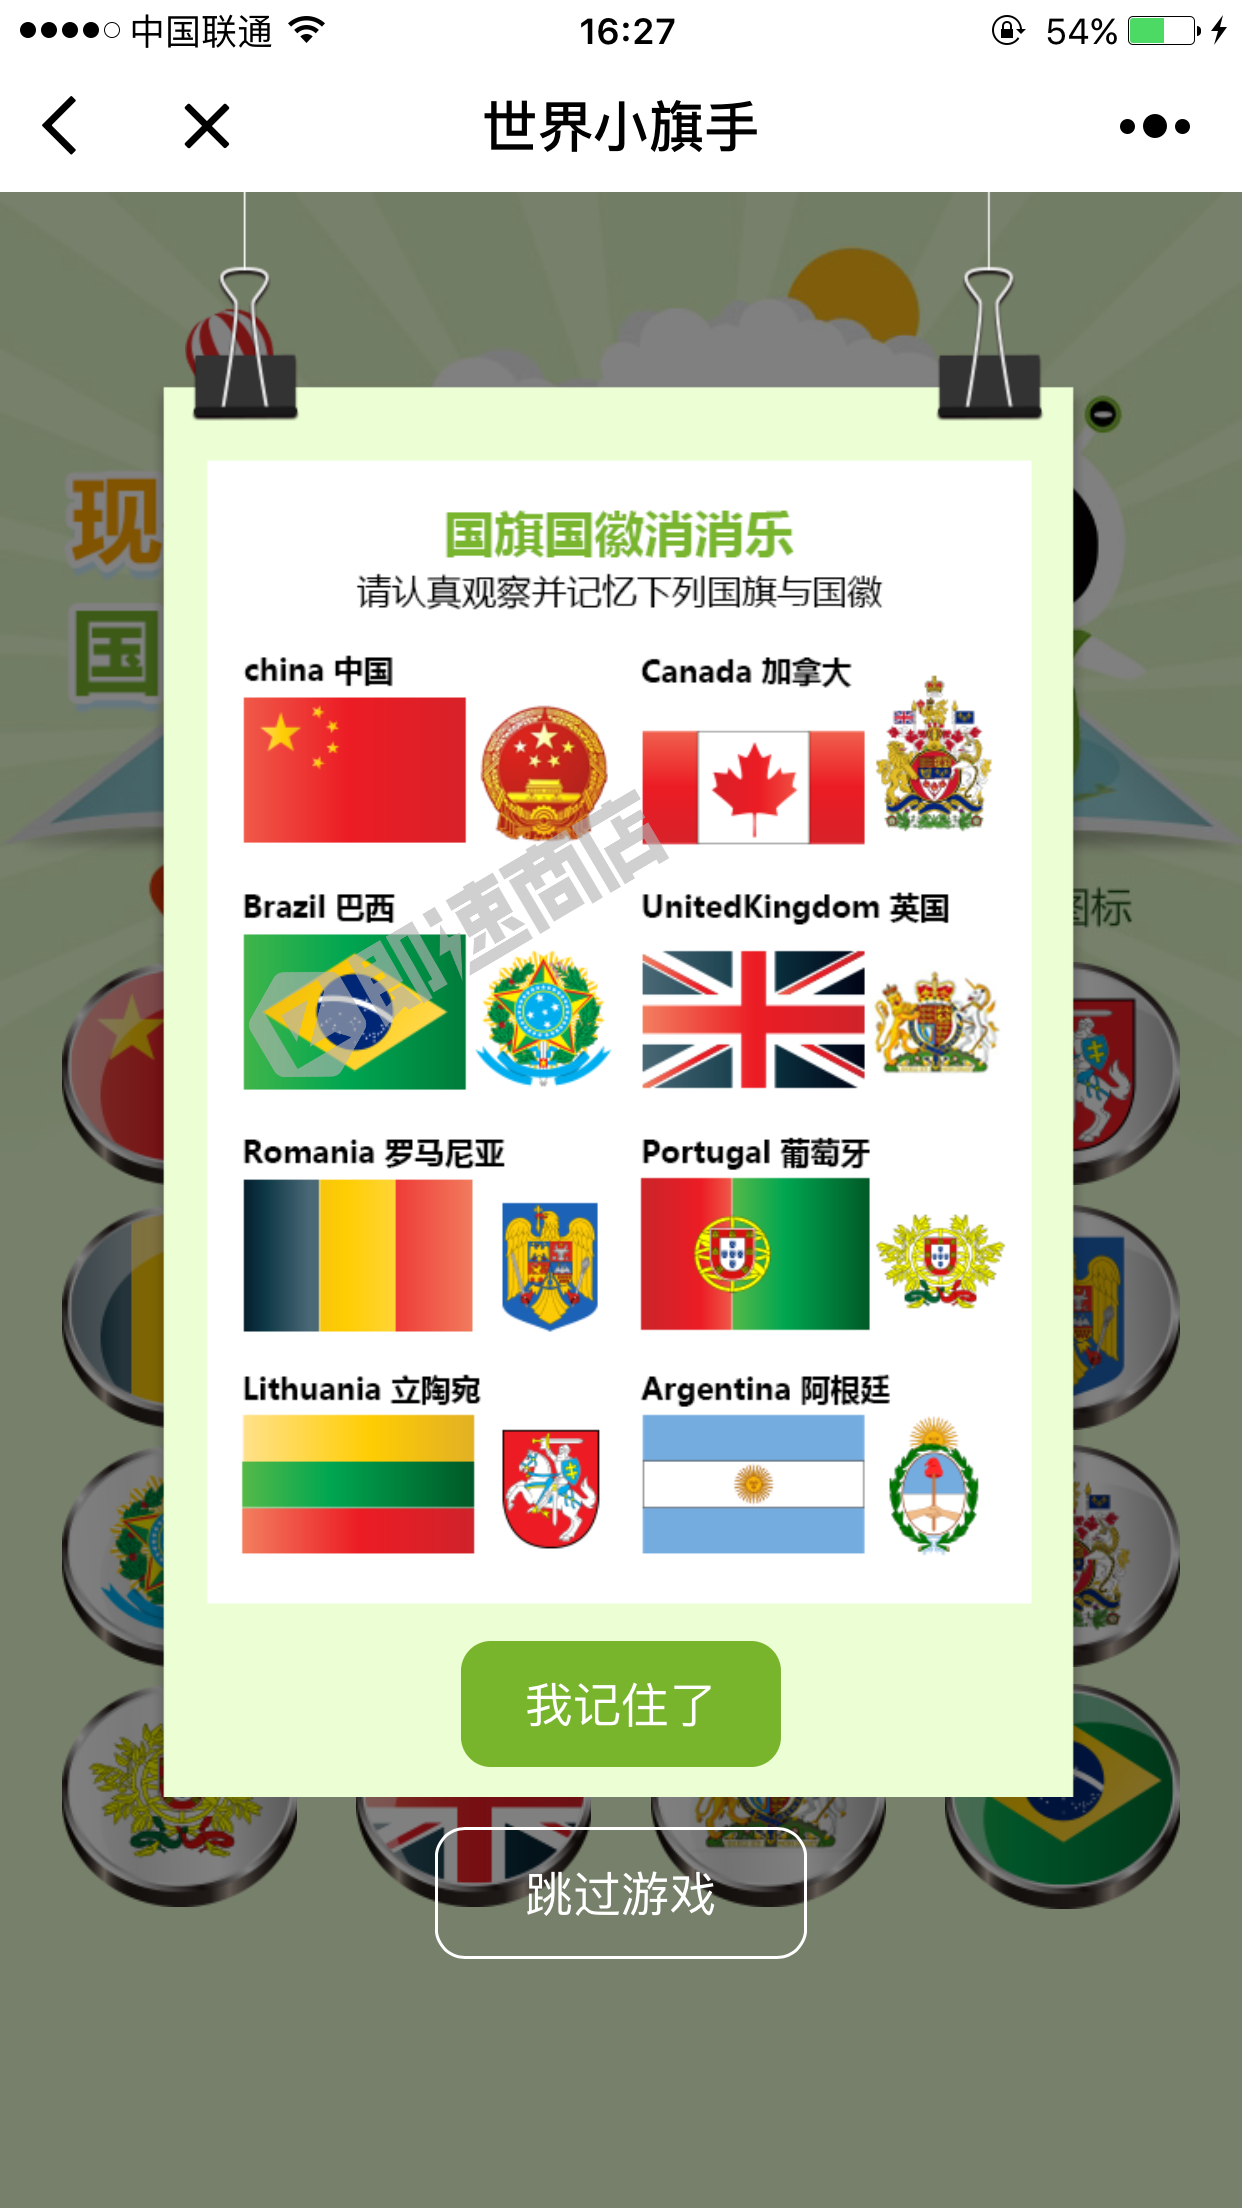 KORJO世界小旗手小程序详情页截图